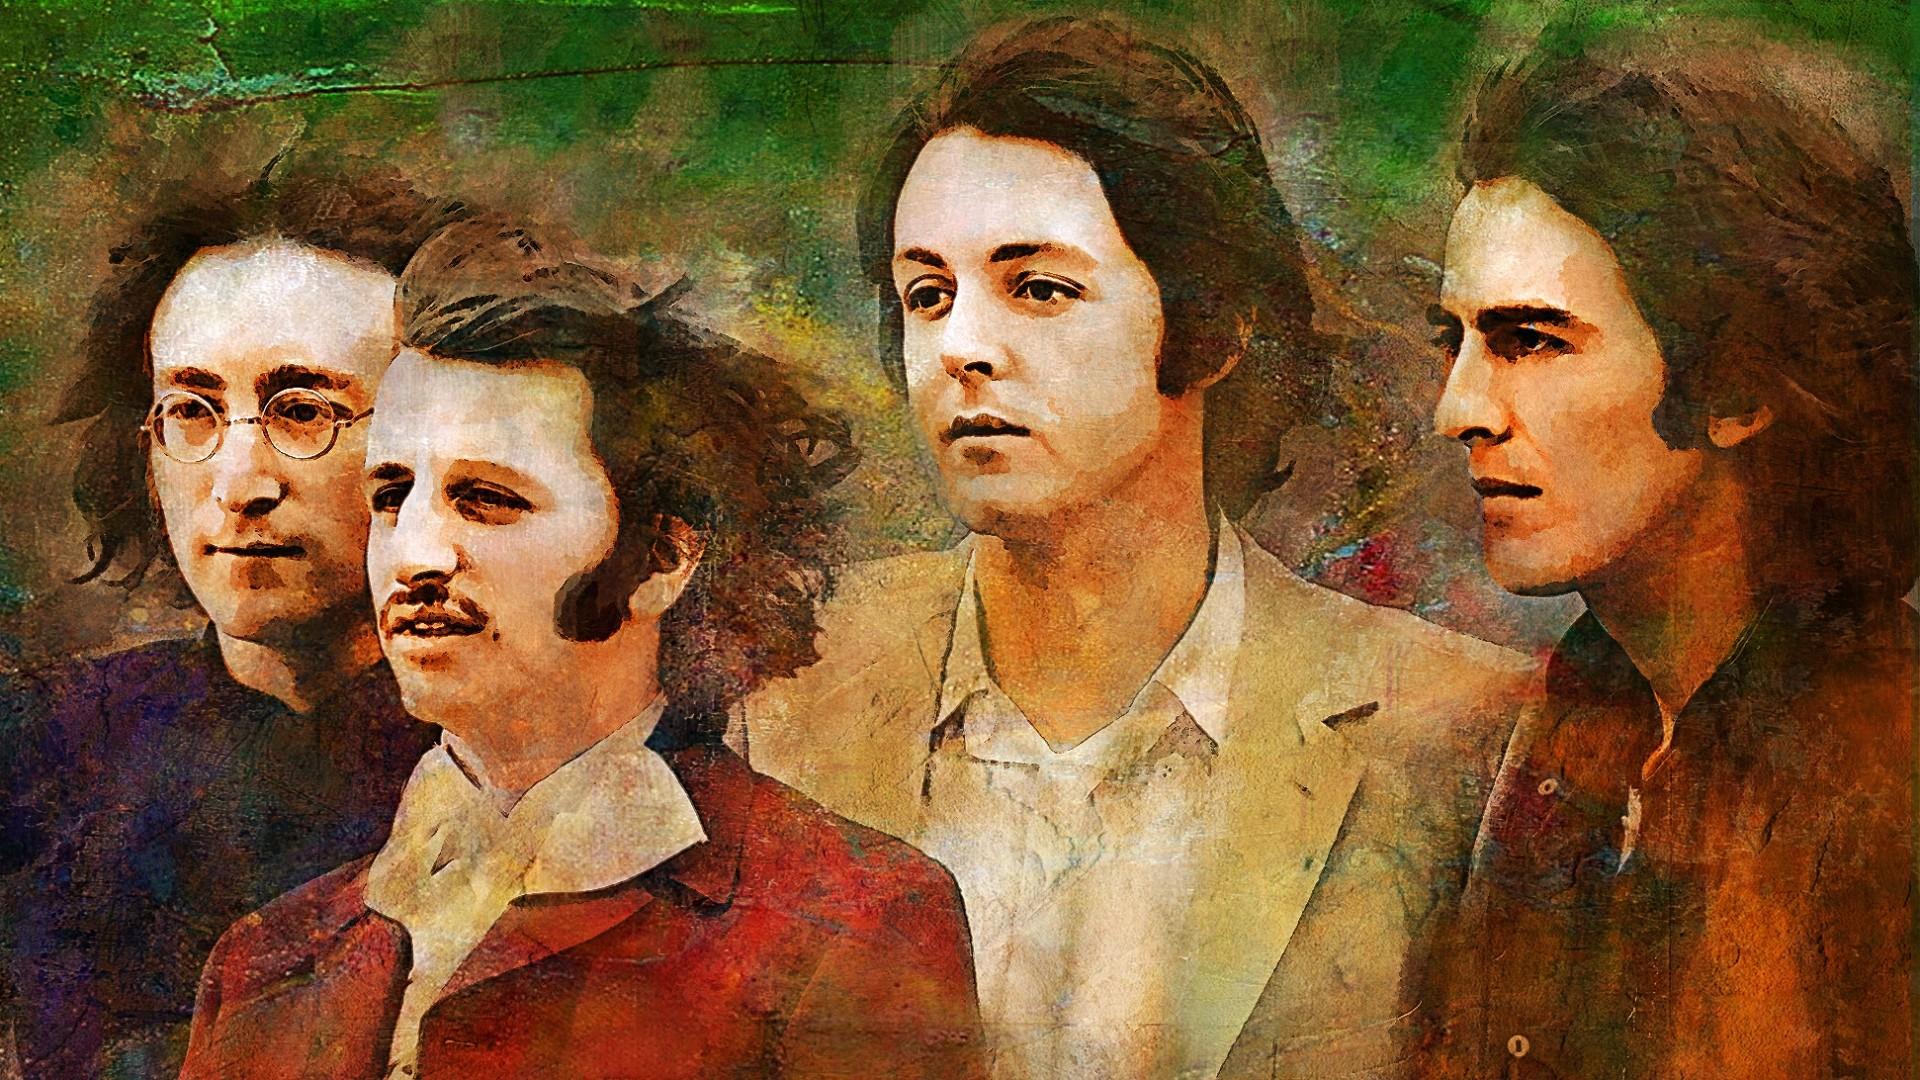 Preview wallpaper the beatles, john lennon, paul mccartney, george  harrison, ringo starr